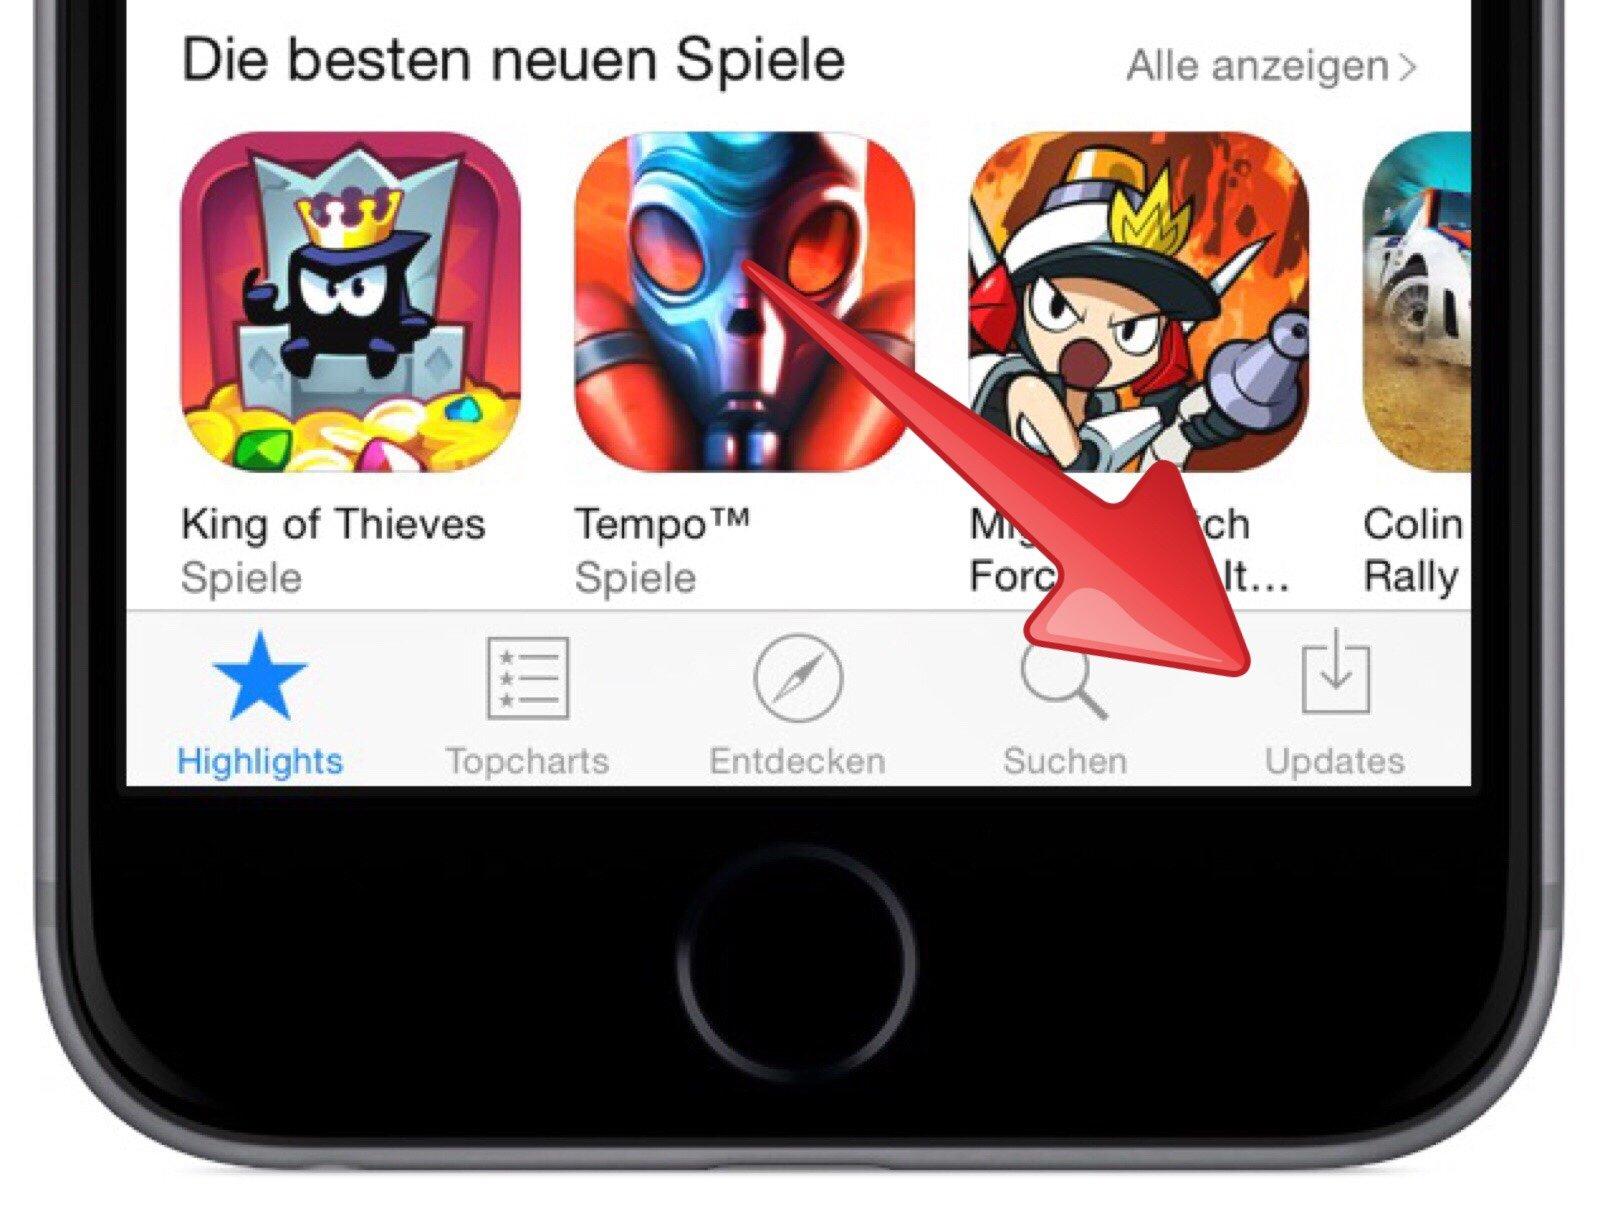 iPhone-App-kostenlos-herstellen-wiederherstellen-Käufe-Kauf-App-Store-Updates-2.jpg